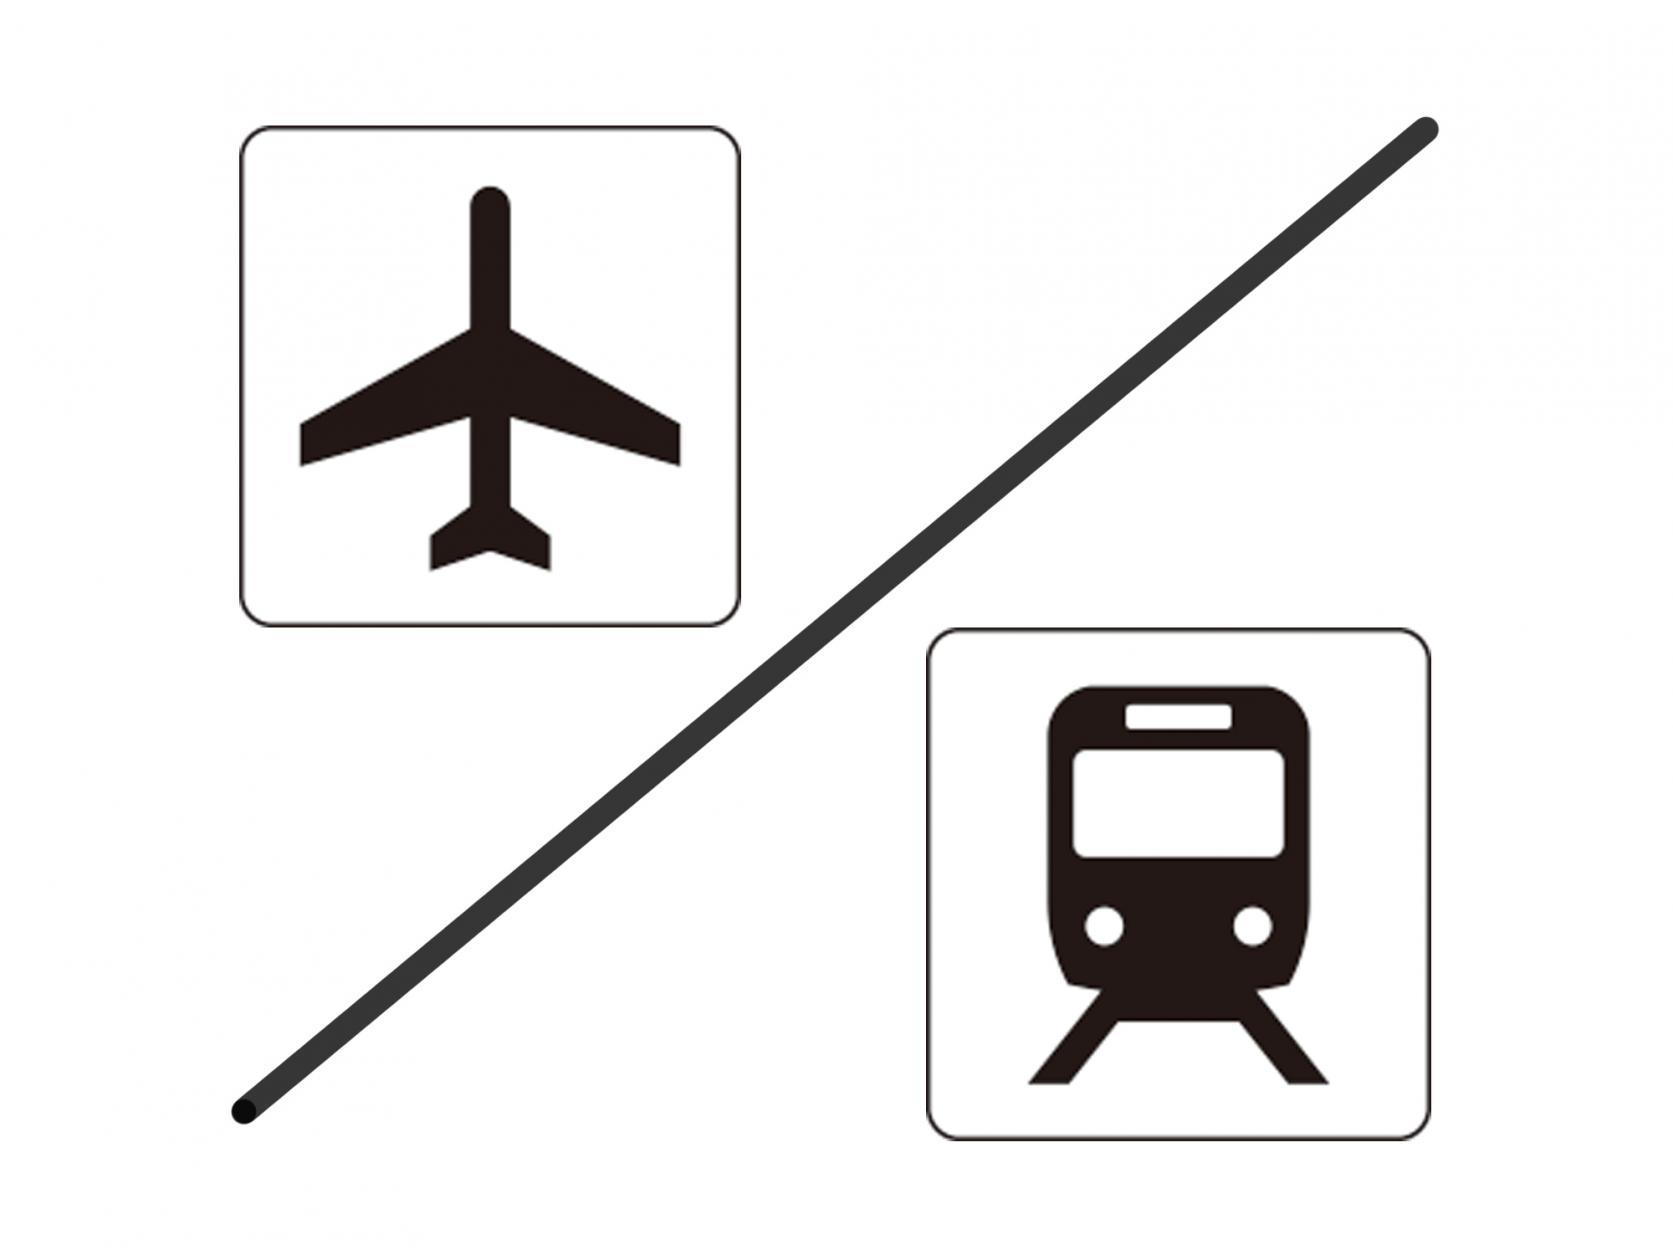 교통 정보-1